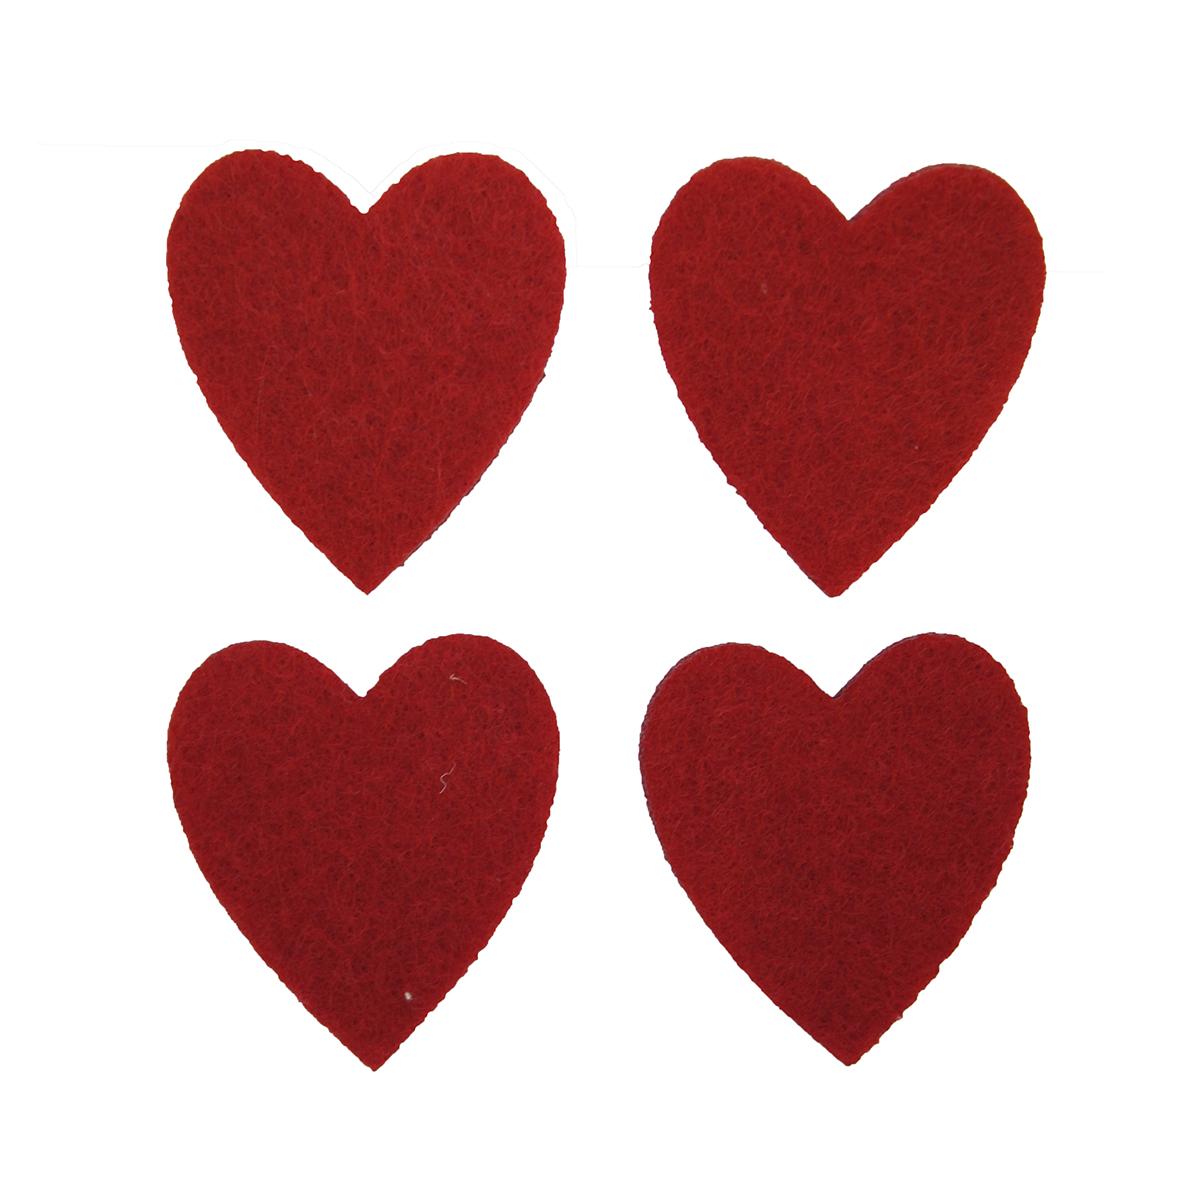 Фигурки из фетра Glorex Сердечки, цвет: красный, 4 x 3,6 см, 12 штC0038550Фетр пользуется большой популярностью среди рукодельниц. Его любят за эстетичный вид, практичность и отличную текстуру. Из данного материала вашему вниманию предлагаются заготовки Glorex. Широкое разнообразие цветов и форм поможет реализовать творческие задумки и гармоничным образом дополнить ваше творение. Из фетра можно создавать обложки для книг, ежедневников, игрушки, декоративные чехлы для подушек и многое, многое другое.